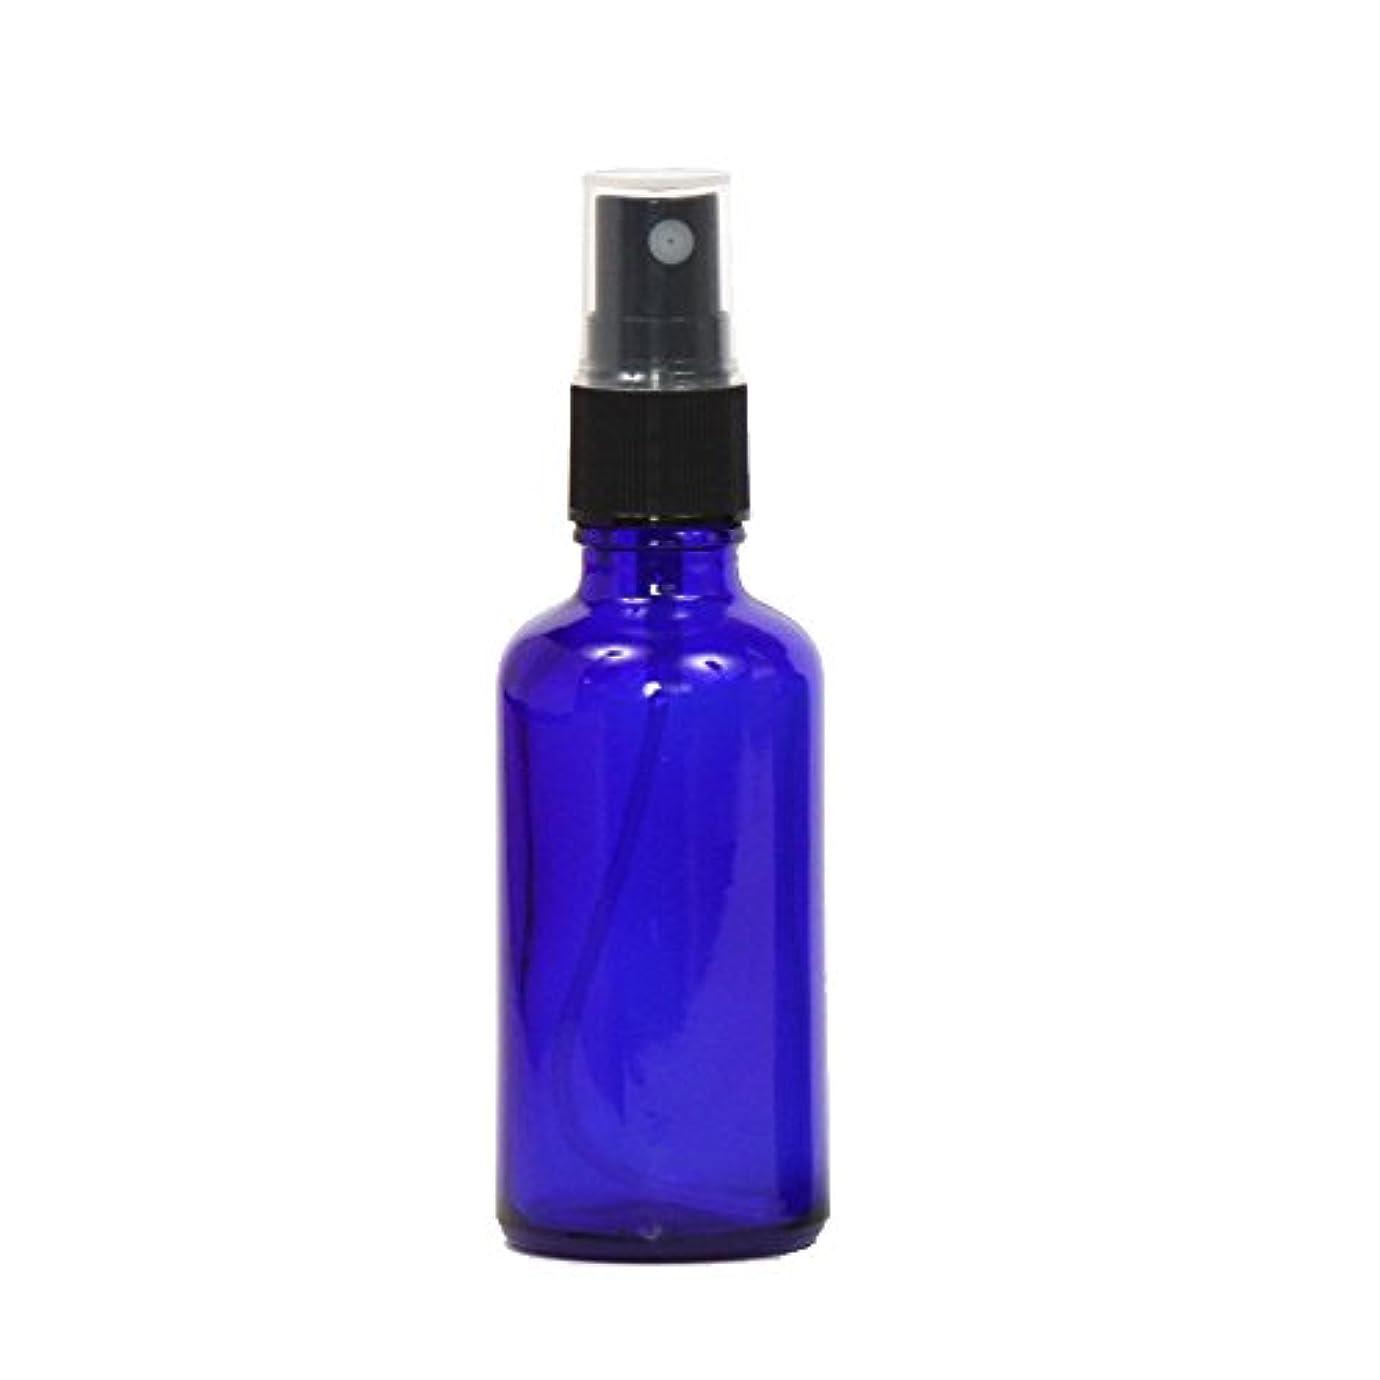 プロペラ代わりにを立てる所得スプレー容器 ガラス瓶ボトル 50mL 遮光性ブルー おしゃれガラスアトマイザー 空容器bu50g